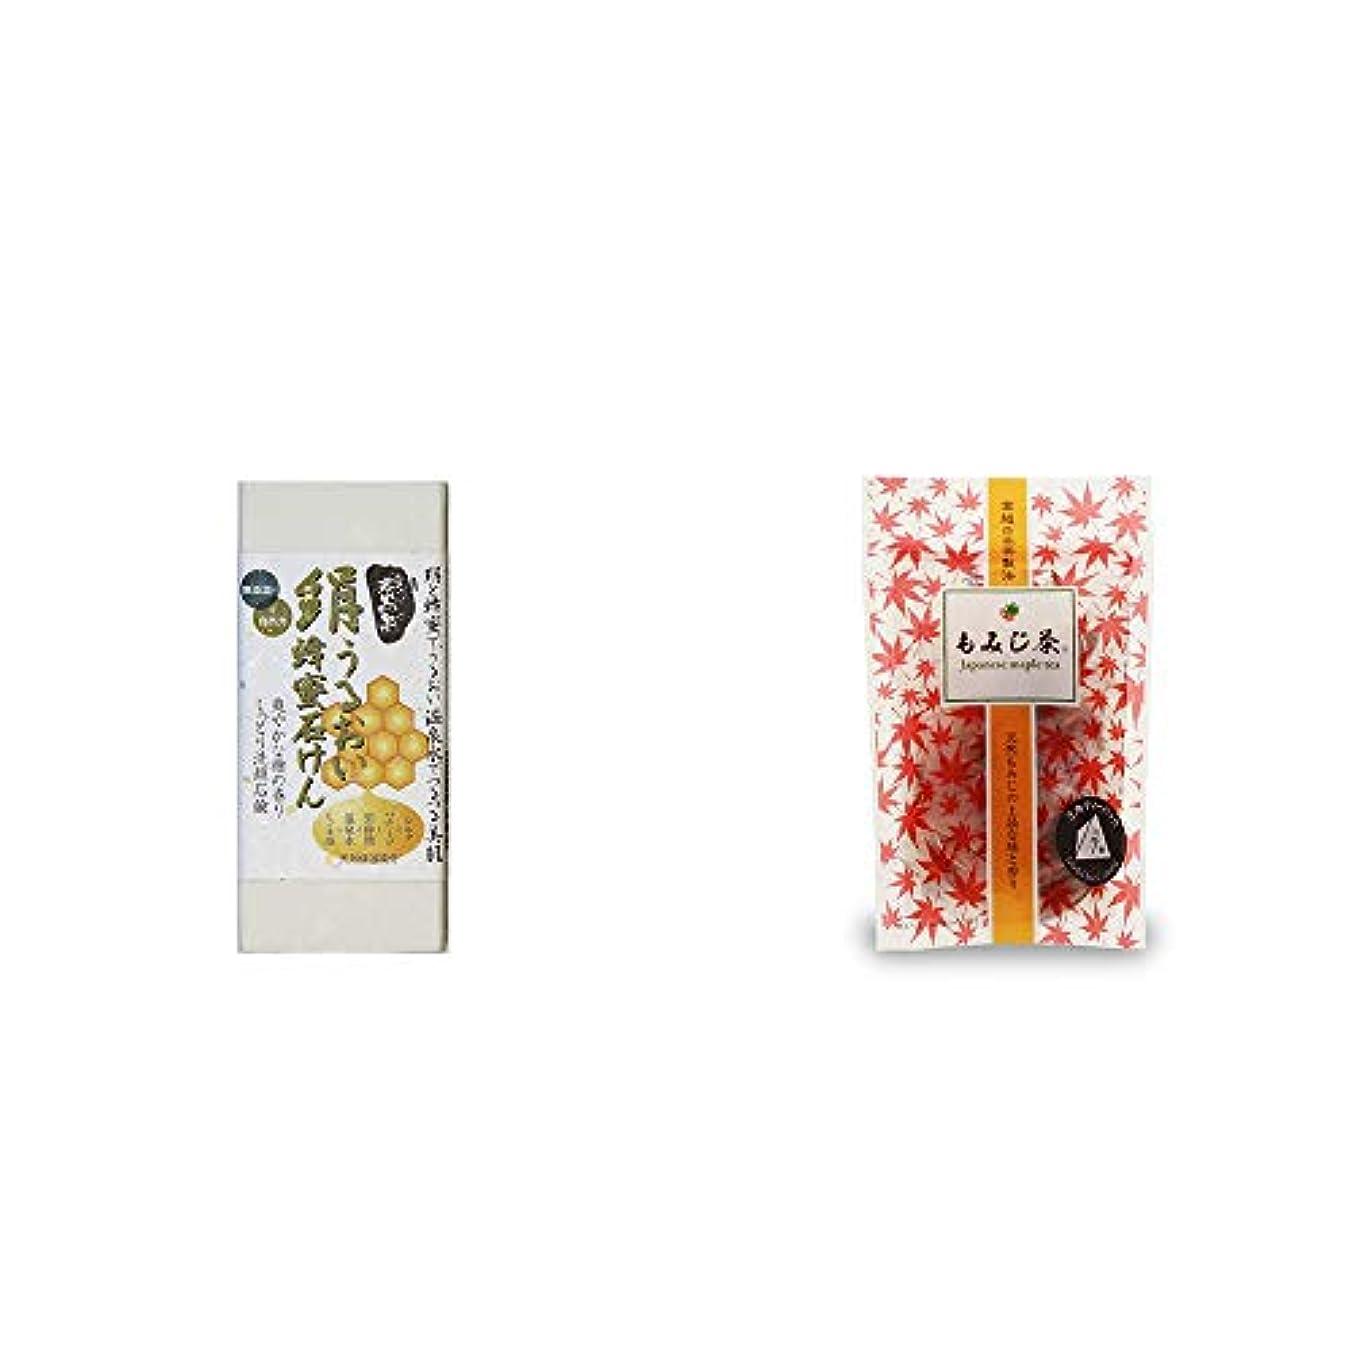 ズームインする消化敬礼[2点セット] ひのき炭黒泉 絹うるおい蜂蜜石けん(75g×2)?もみじ茶(7パック入)